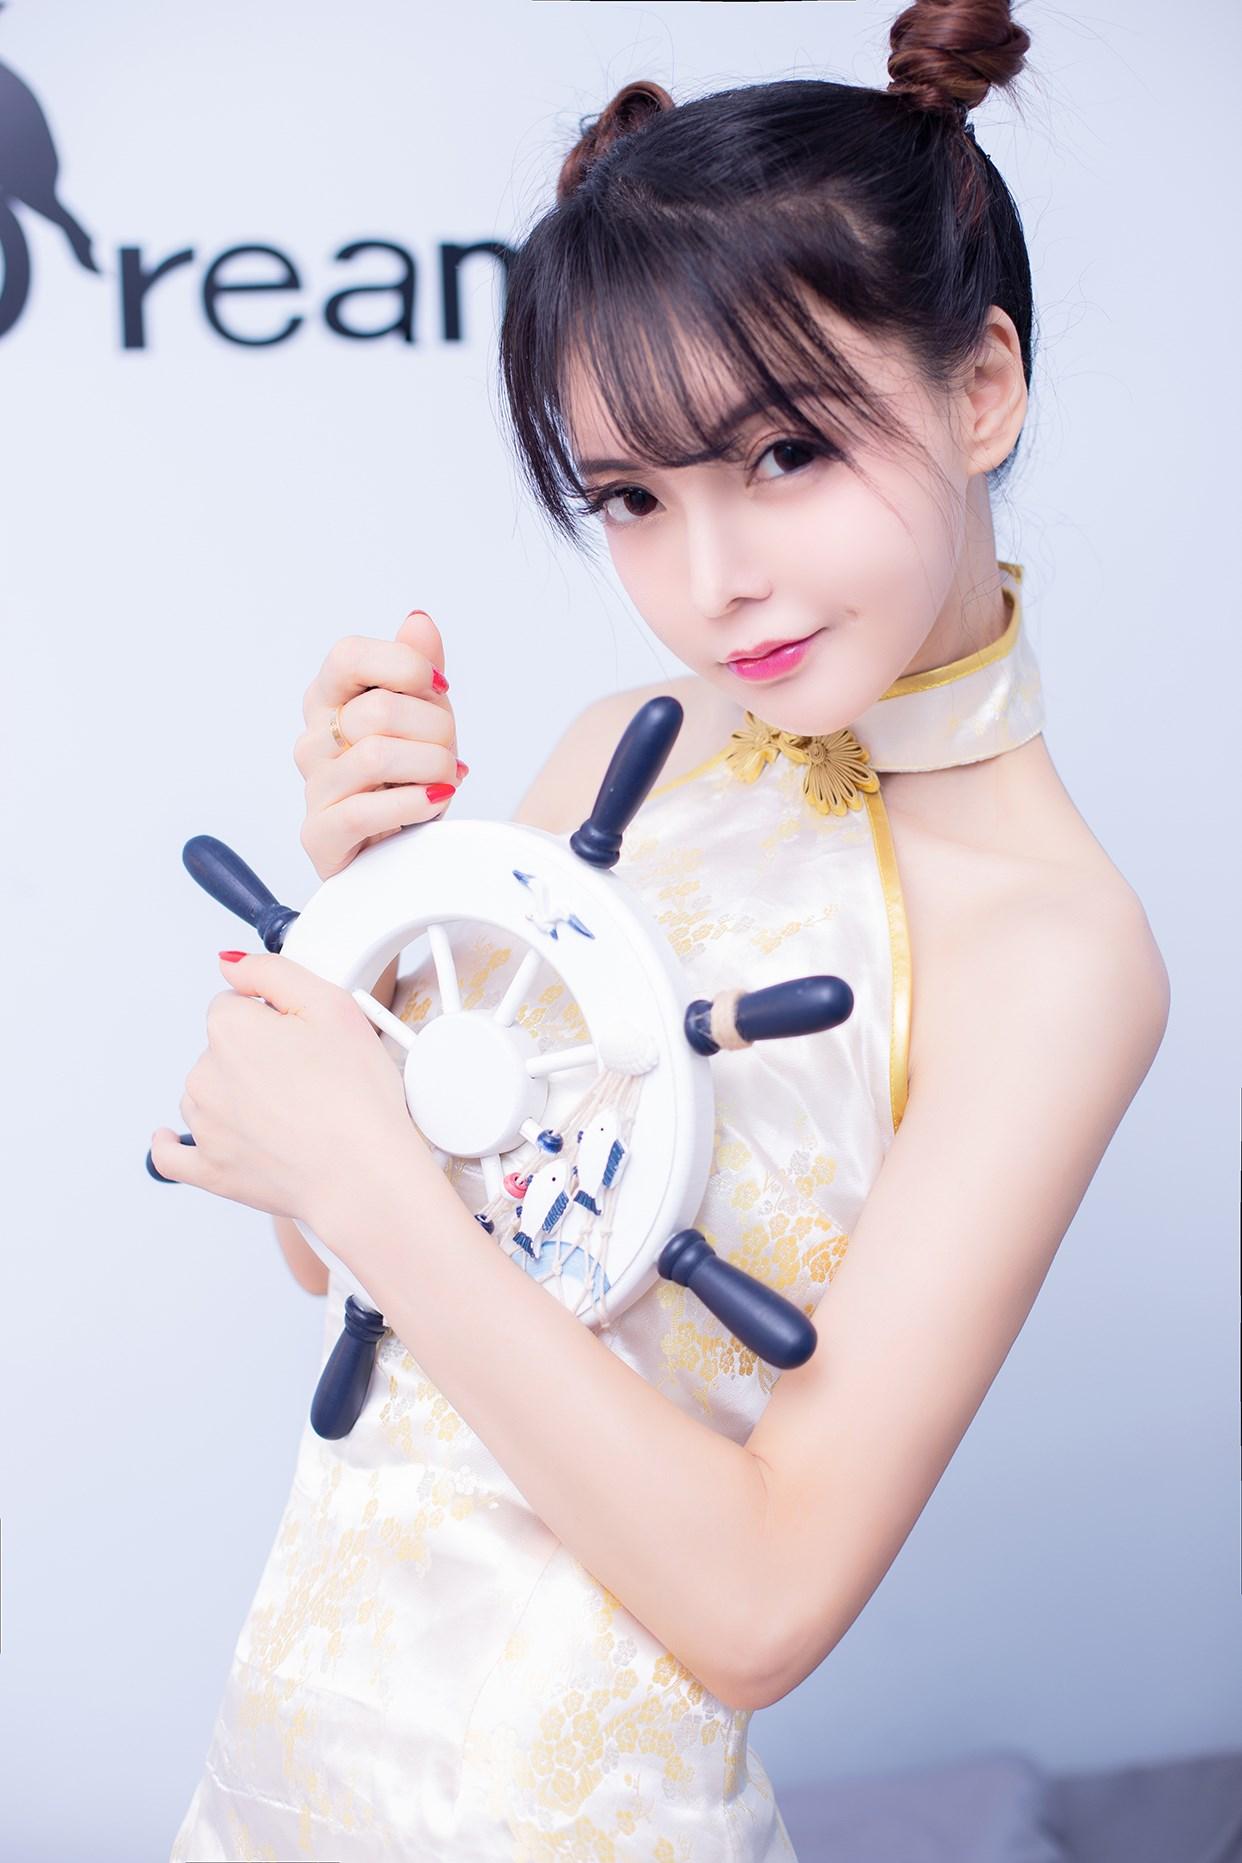 【兔玩映画】诱惑旗袍 兔玩映画 第9张